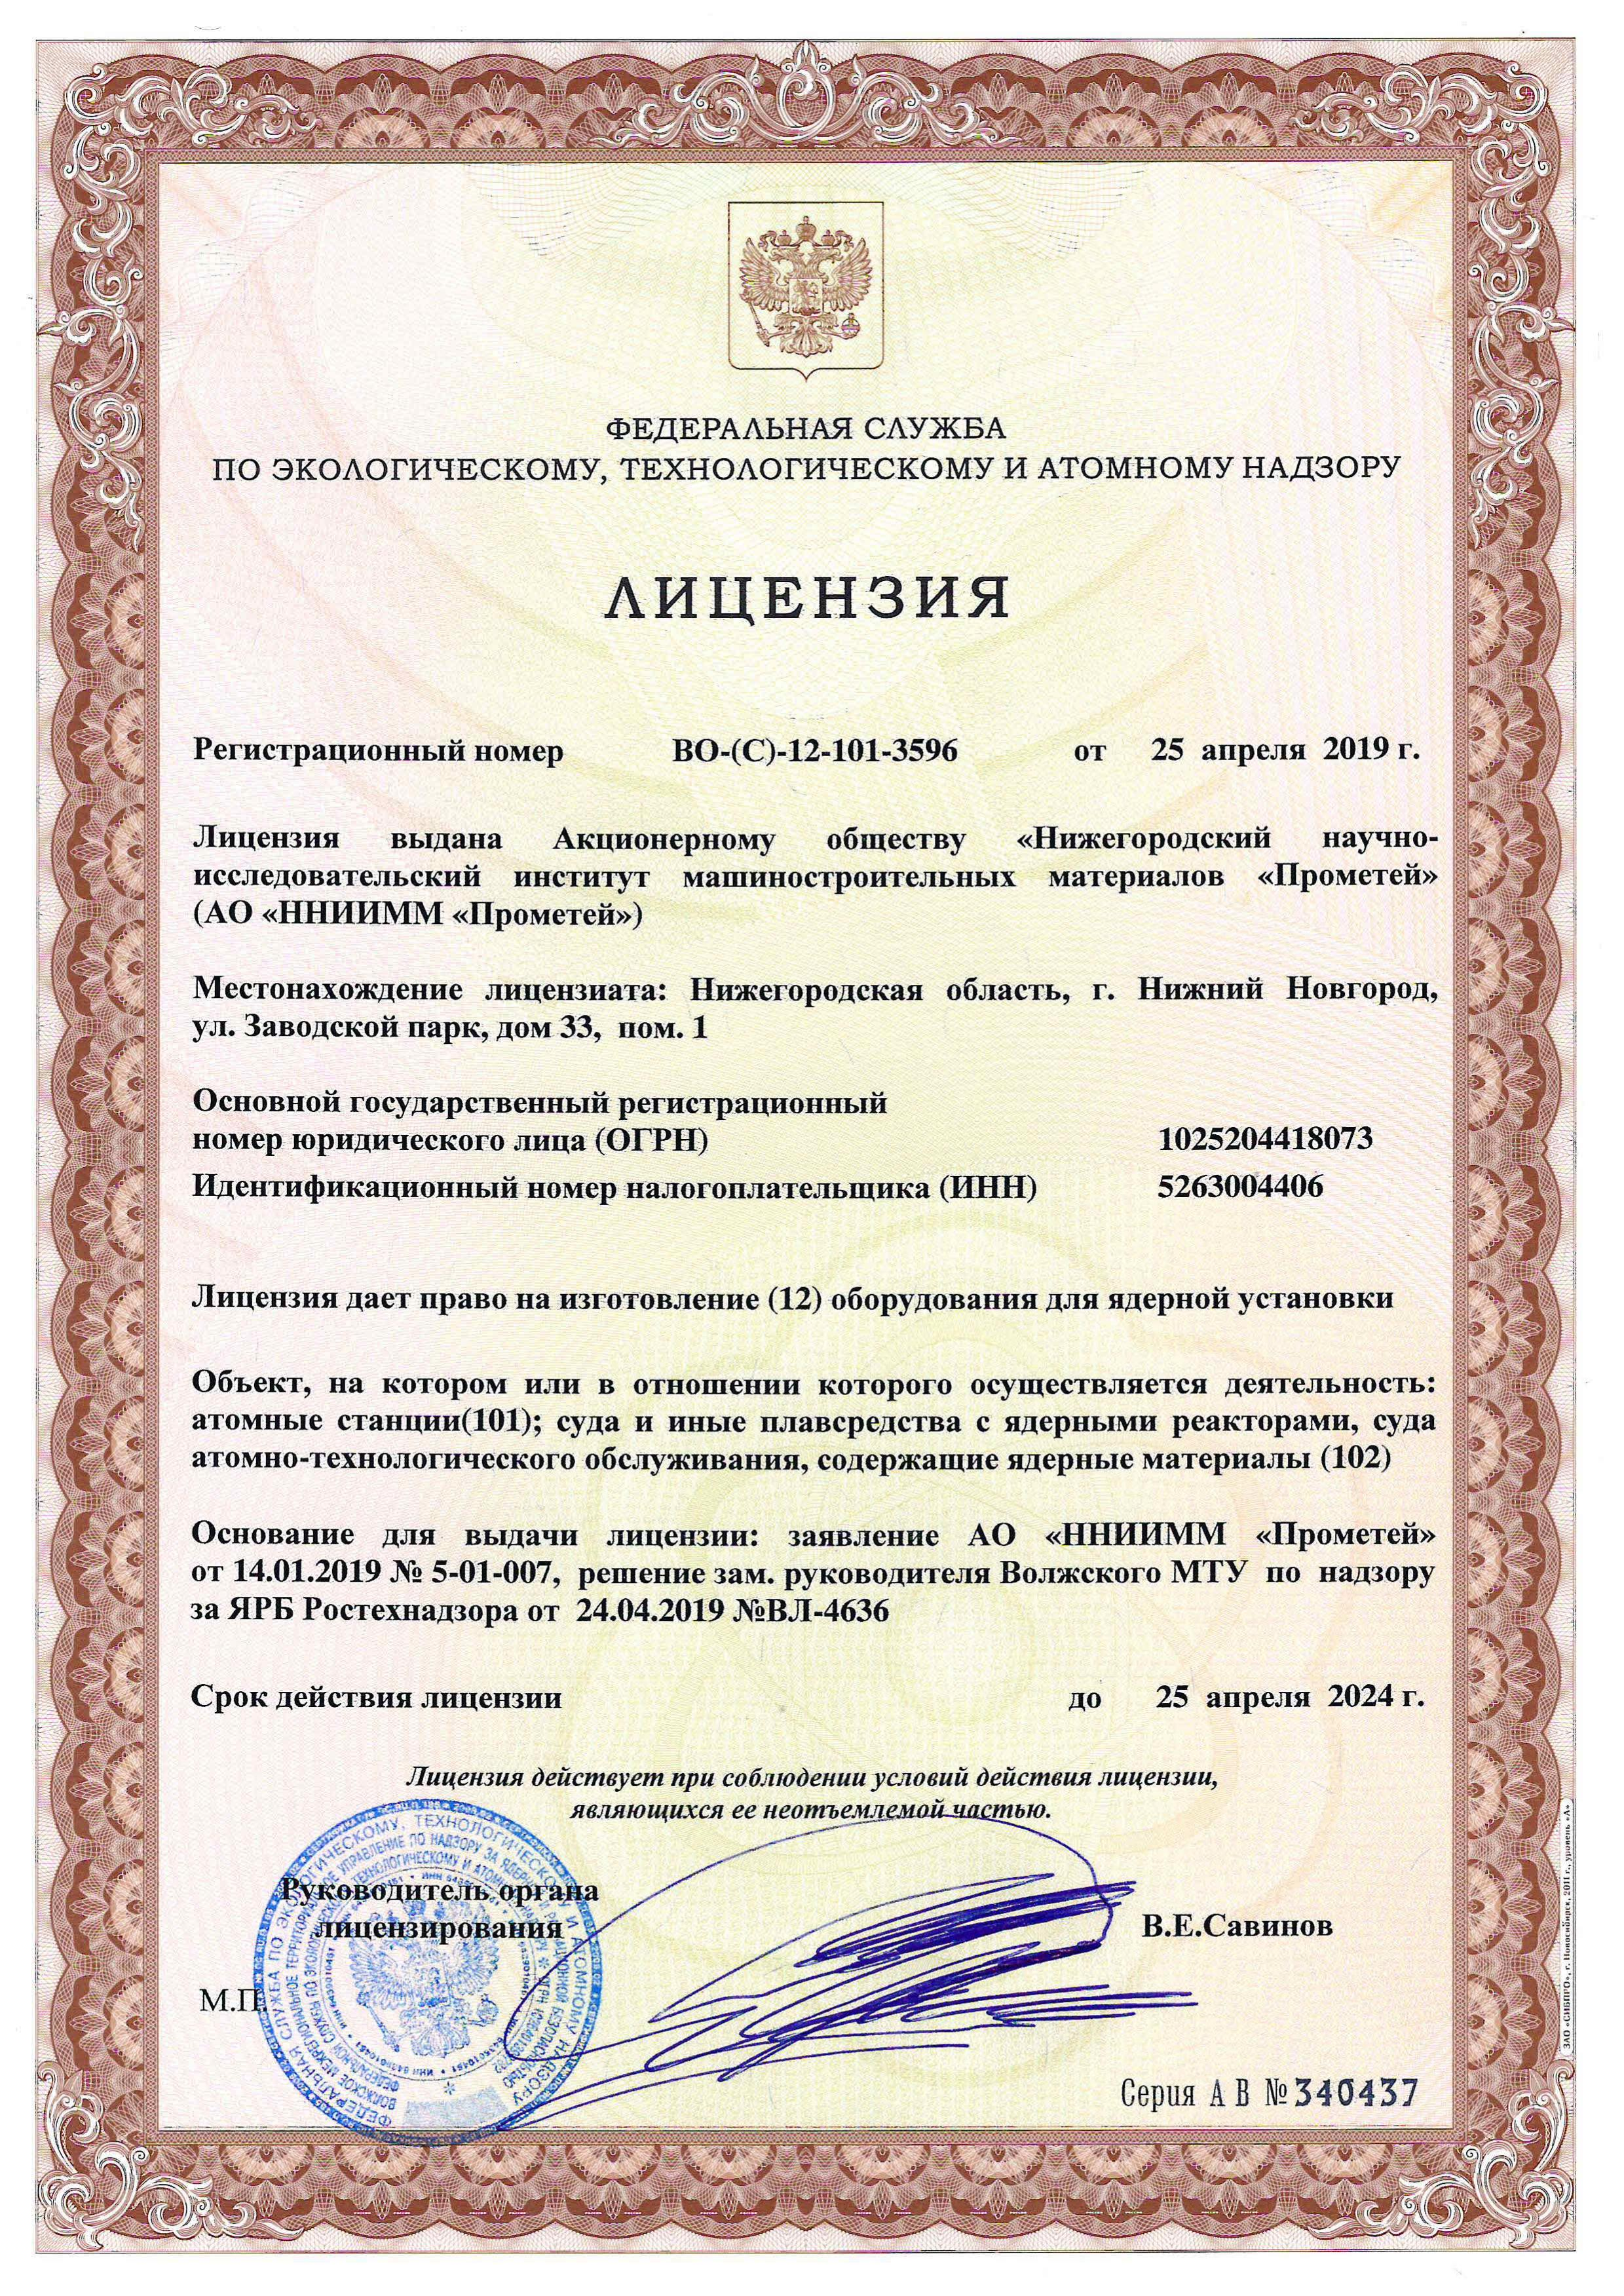 лицензия по атомному надзору